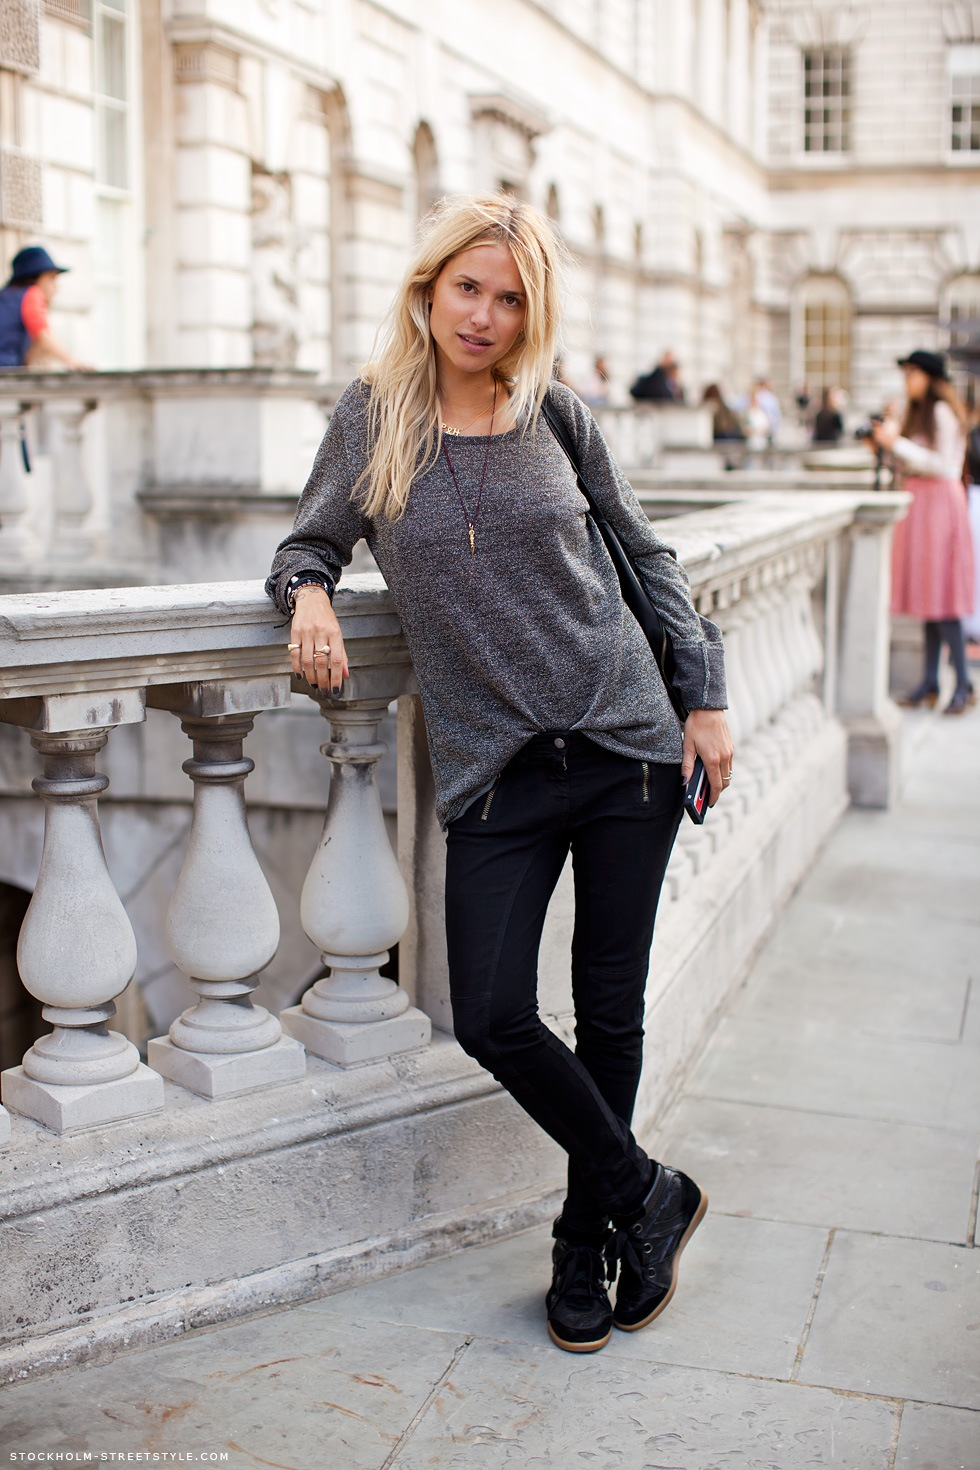 На фото: узкие черные джинсы с теьной кофтой длиной до линии бедра.